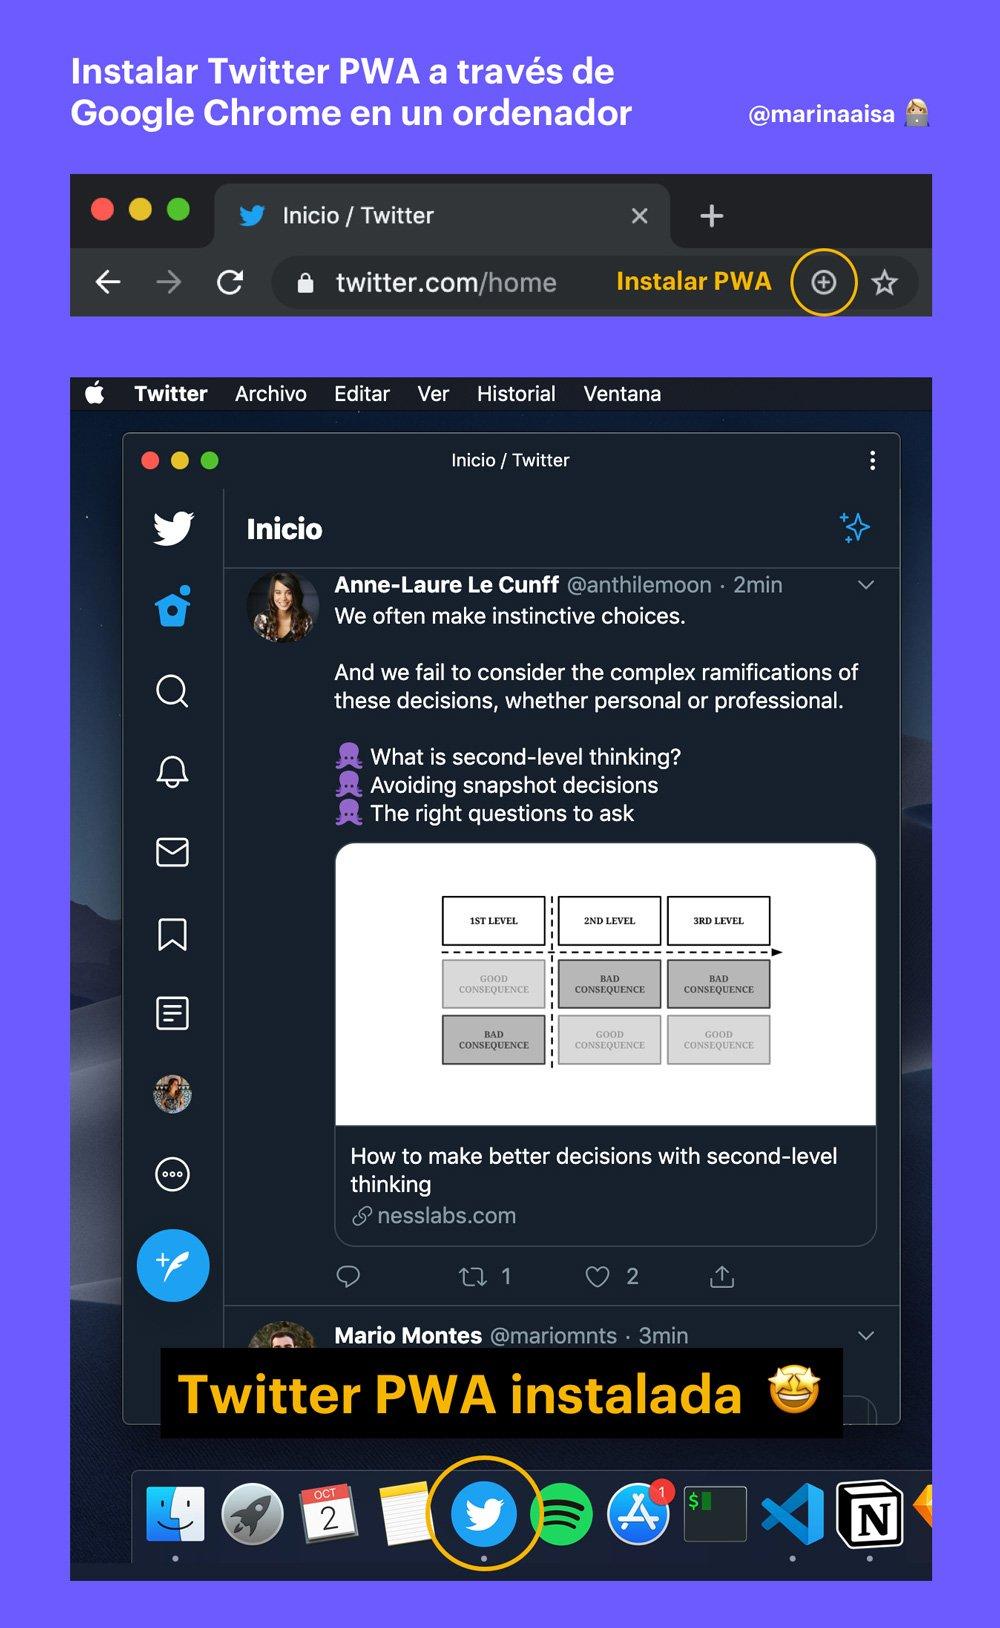 Instalar Twitter PWA a través de Google Chrome en un ordenador